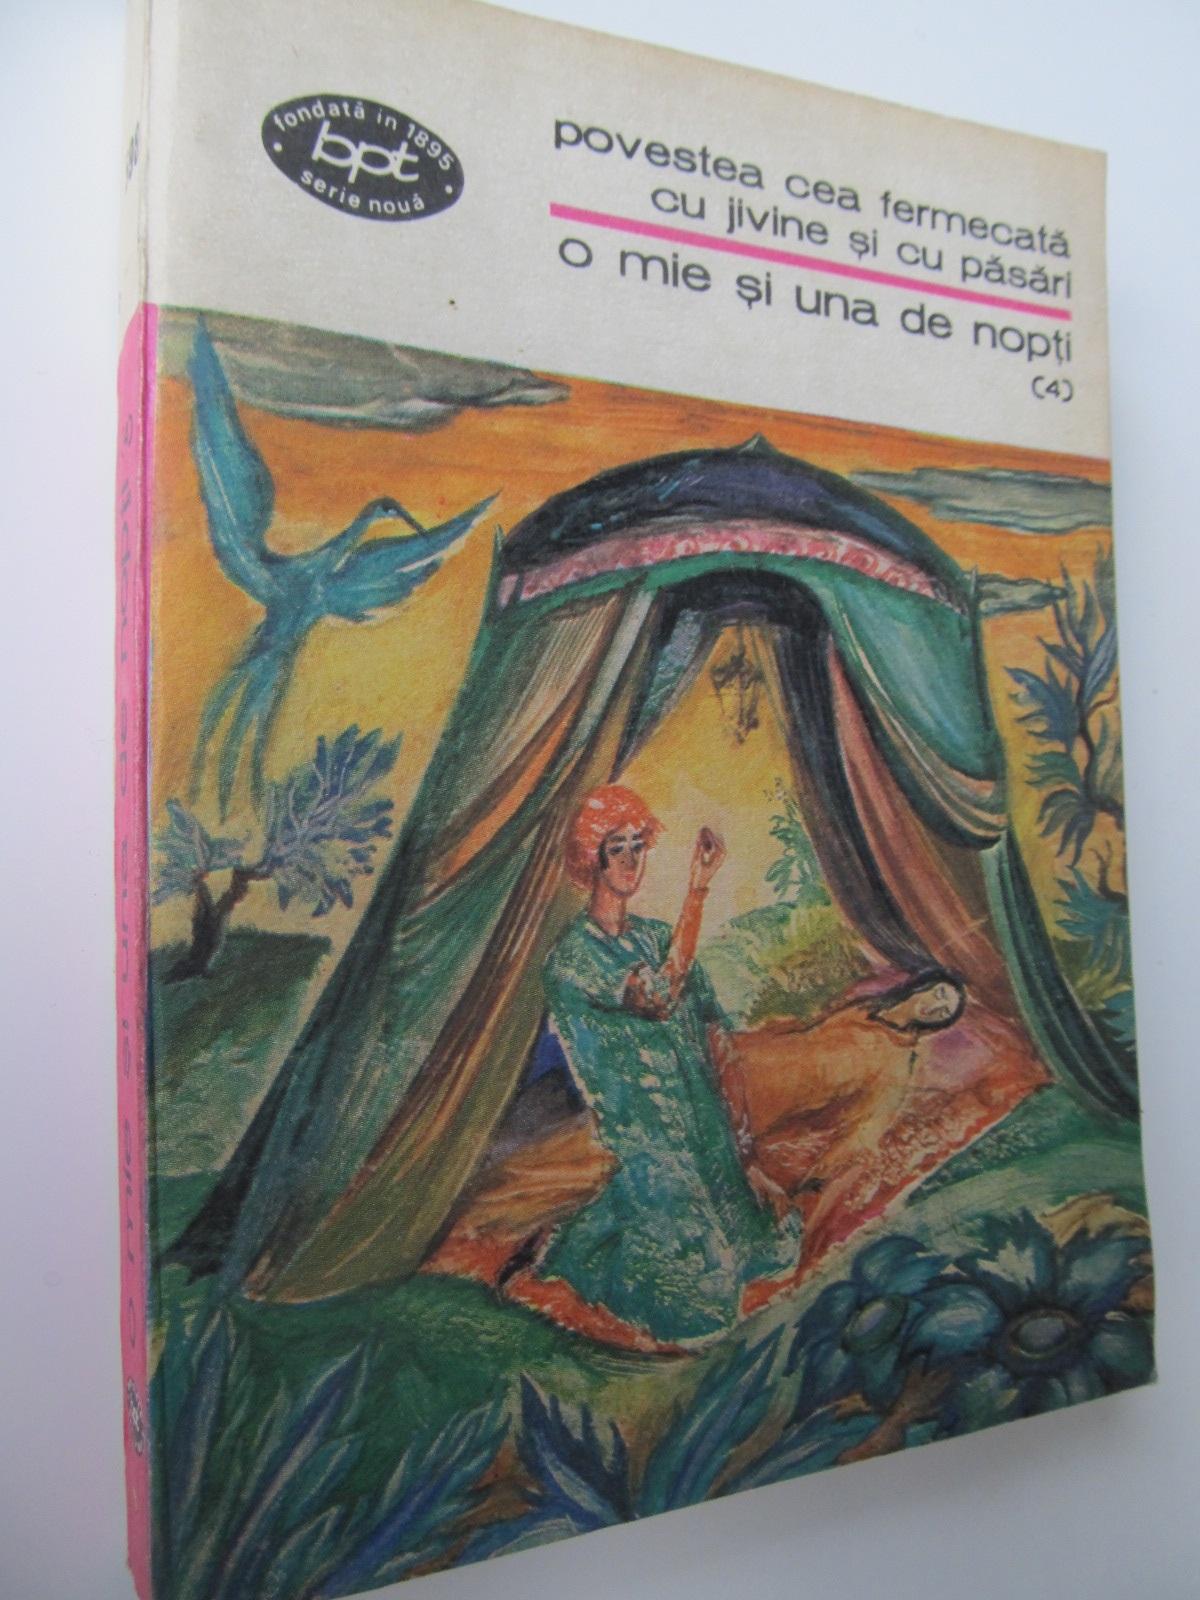 Povestea cea fermecata cu jivine si cu pasari - 1001 nopti (4) - *** | Detalii carte